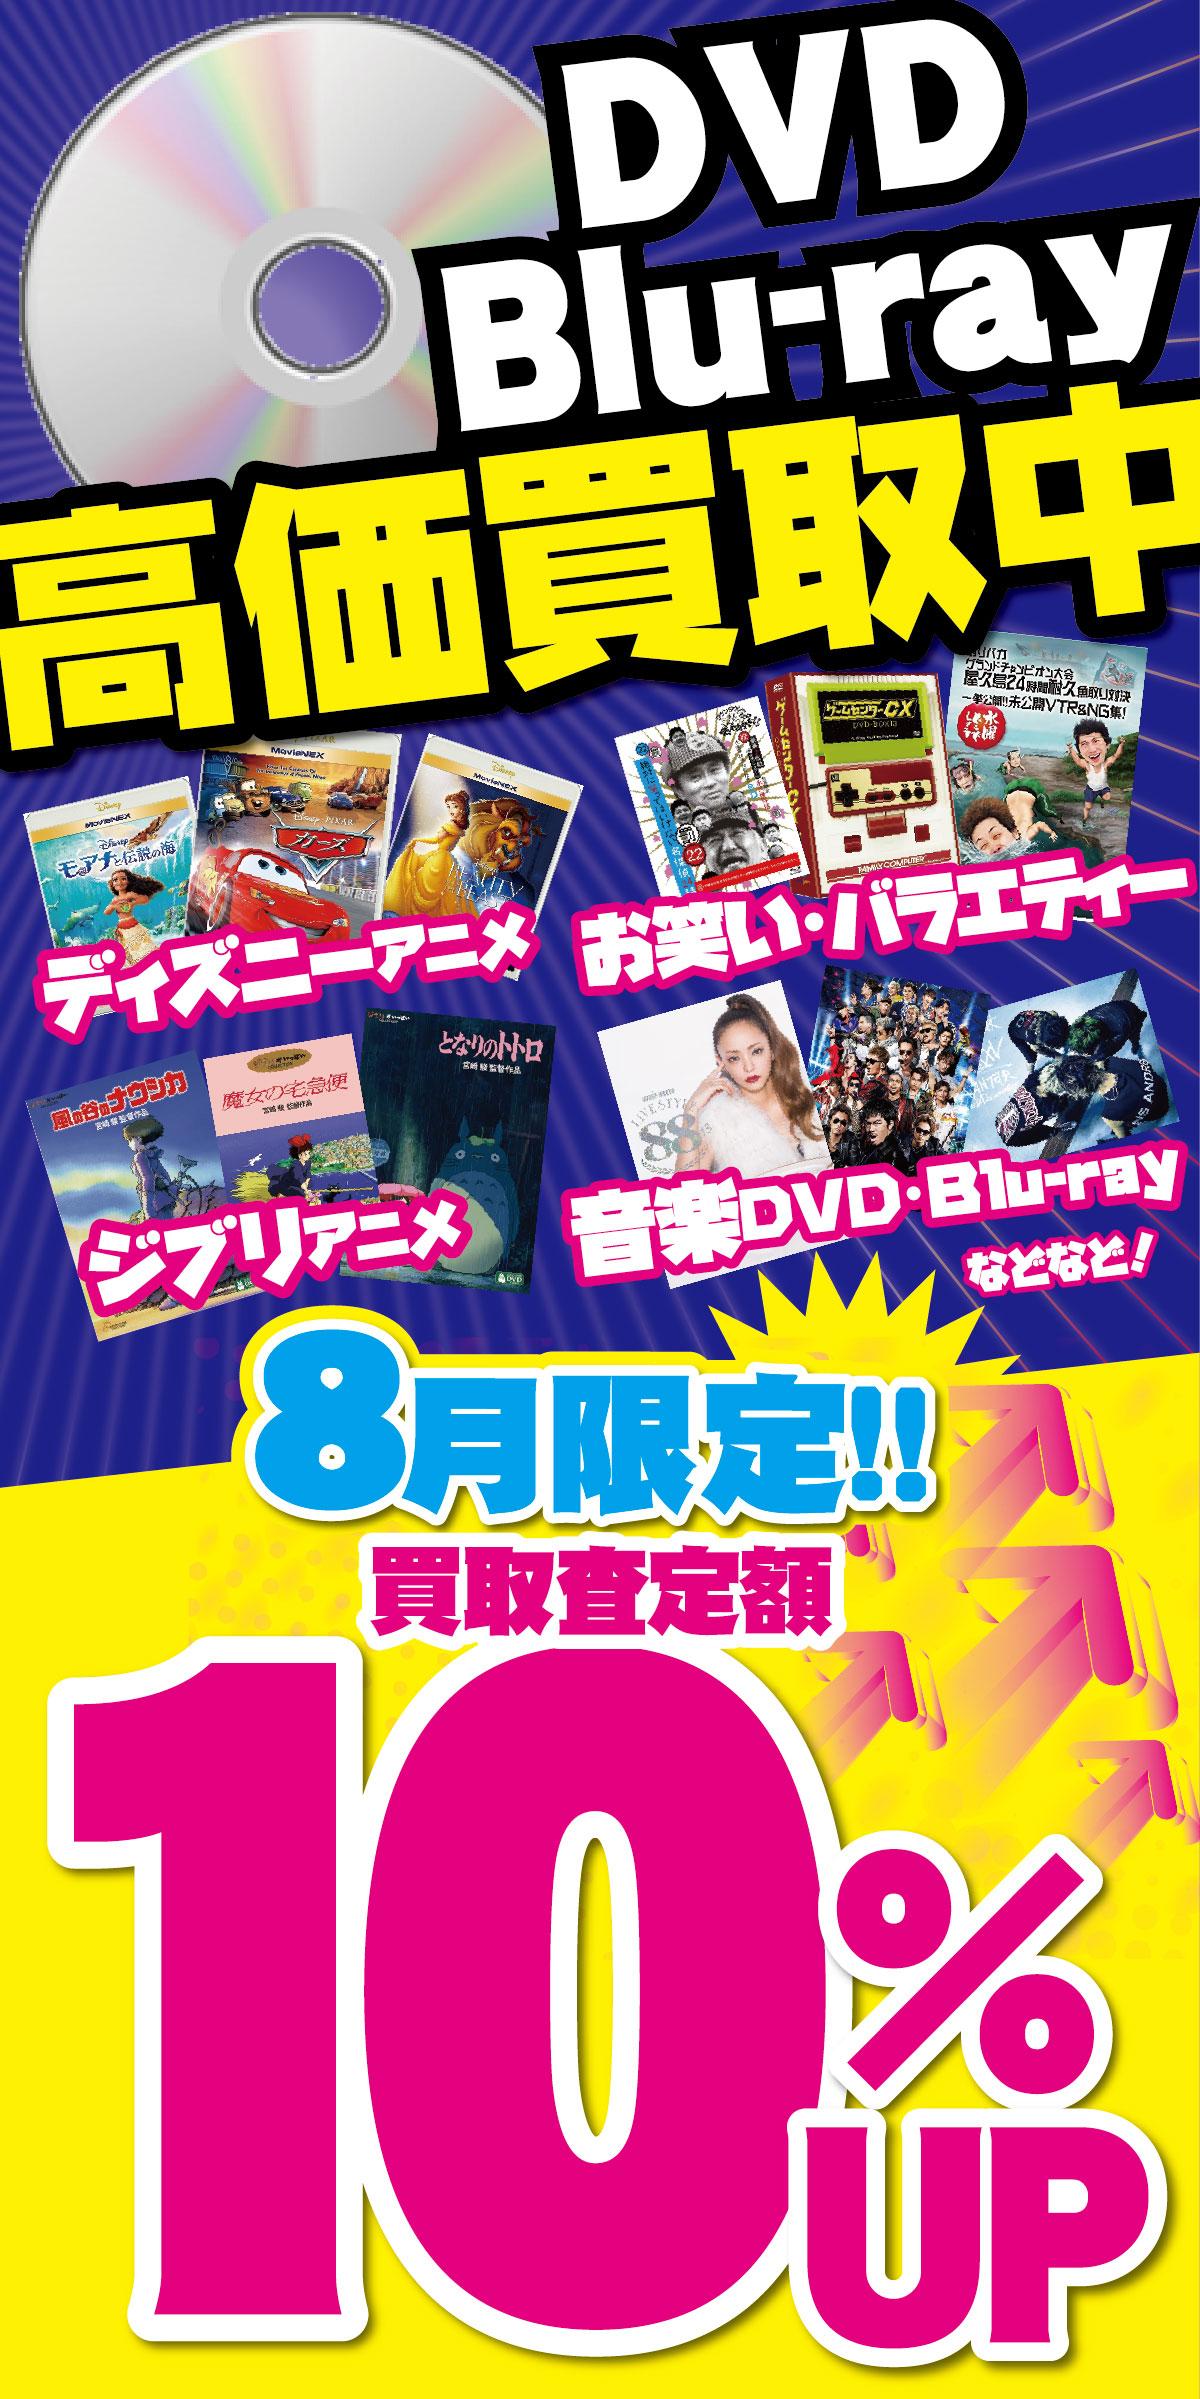 「開放倉庫山城店」8月限定!買取査定額10%UP!DVD、Blue-ray高価買取中!!<ディズニーアニメ、お笑い・バラエティー、ジブリアニメ>